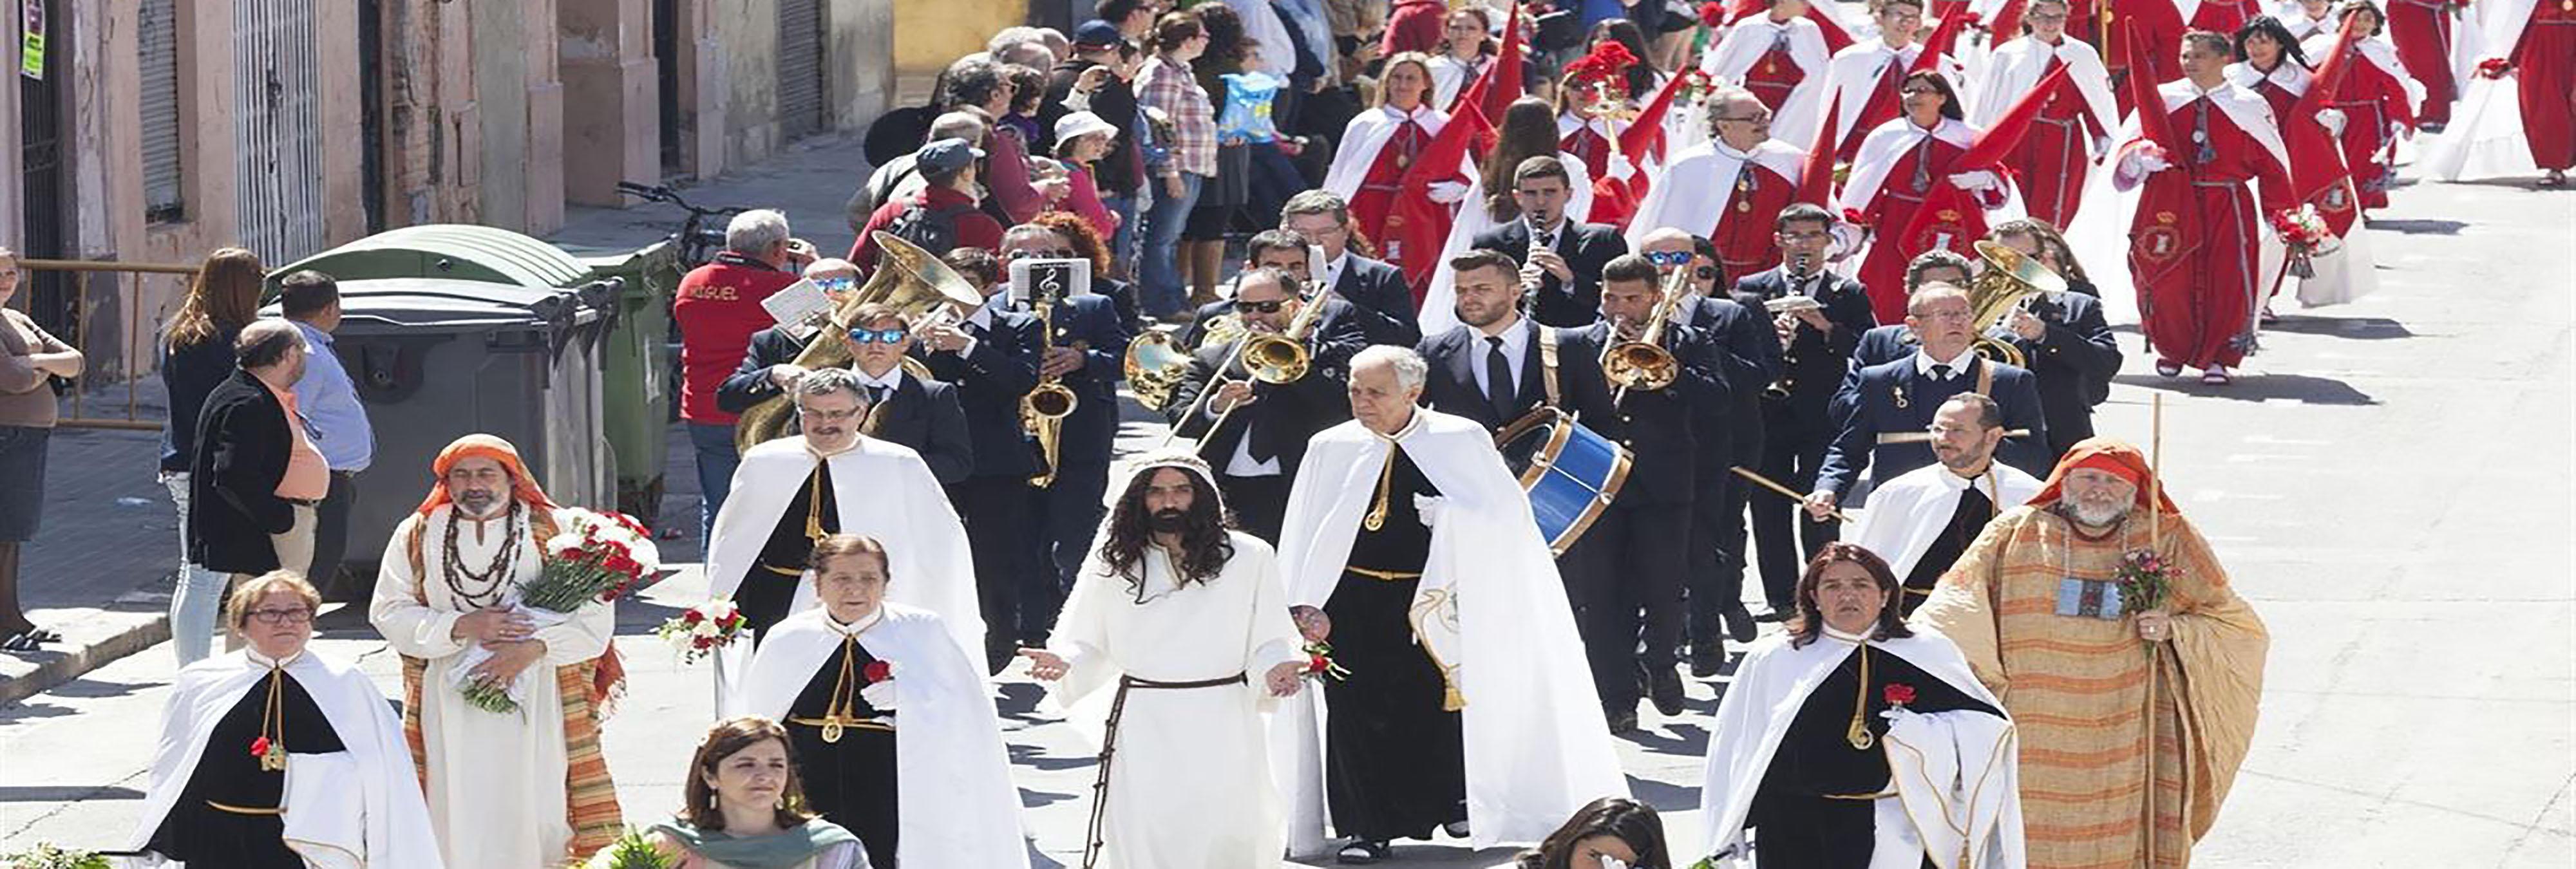 Prohíben a un Jesús Resucitado gay salir en una procesión por 'ostentoso'